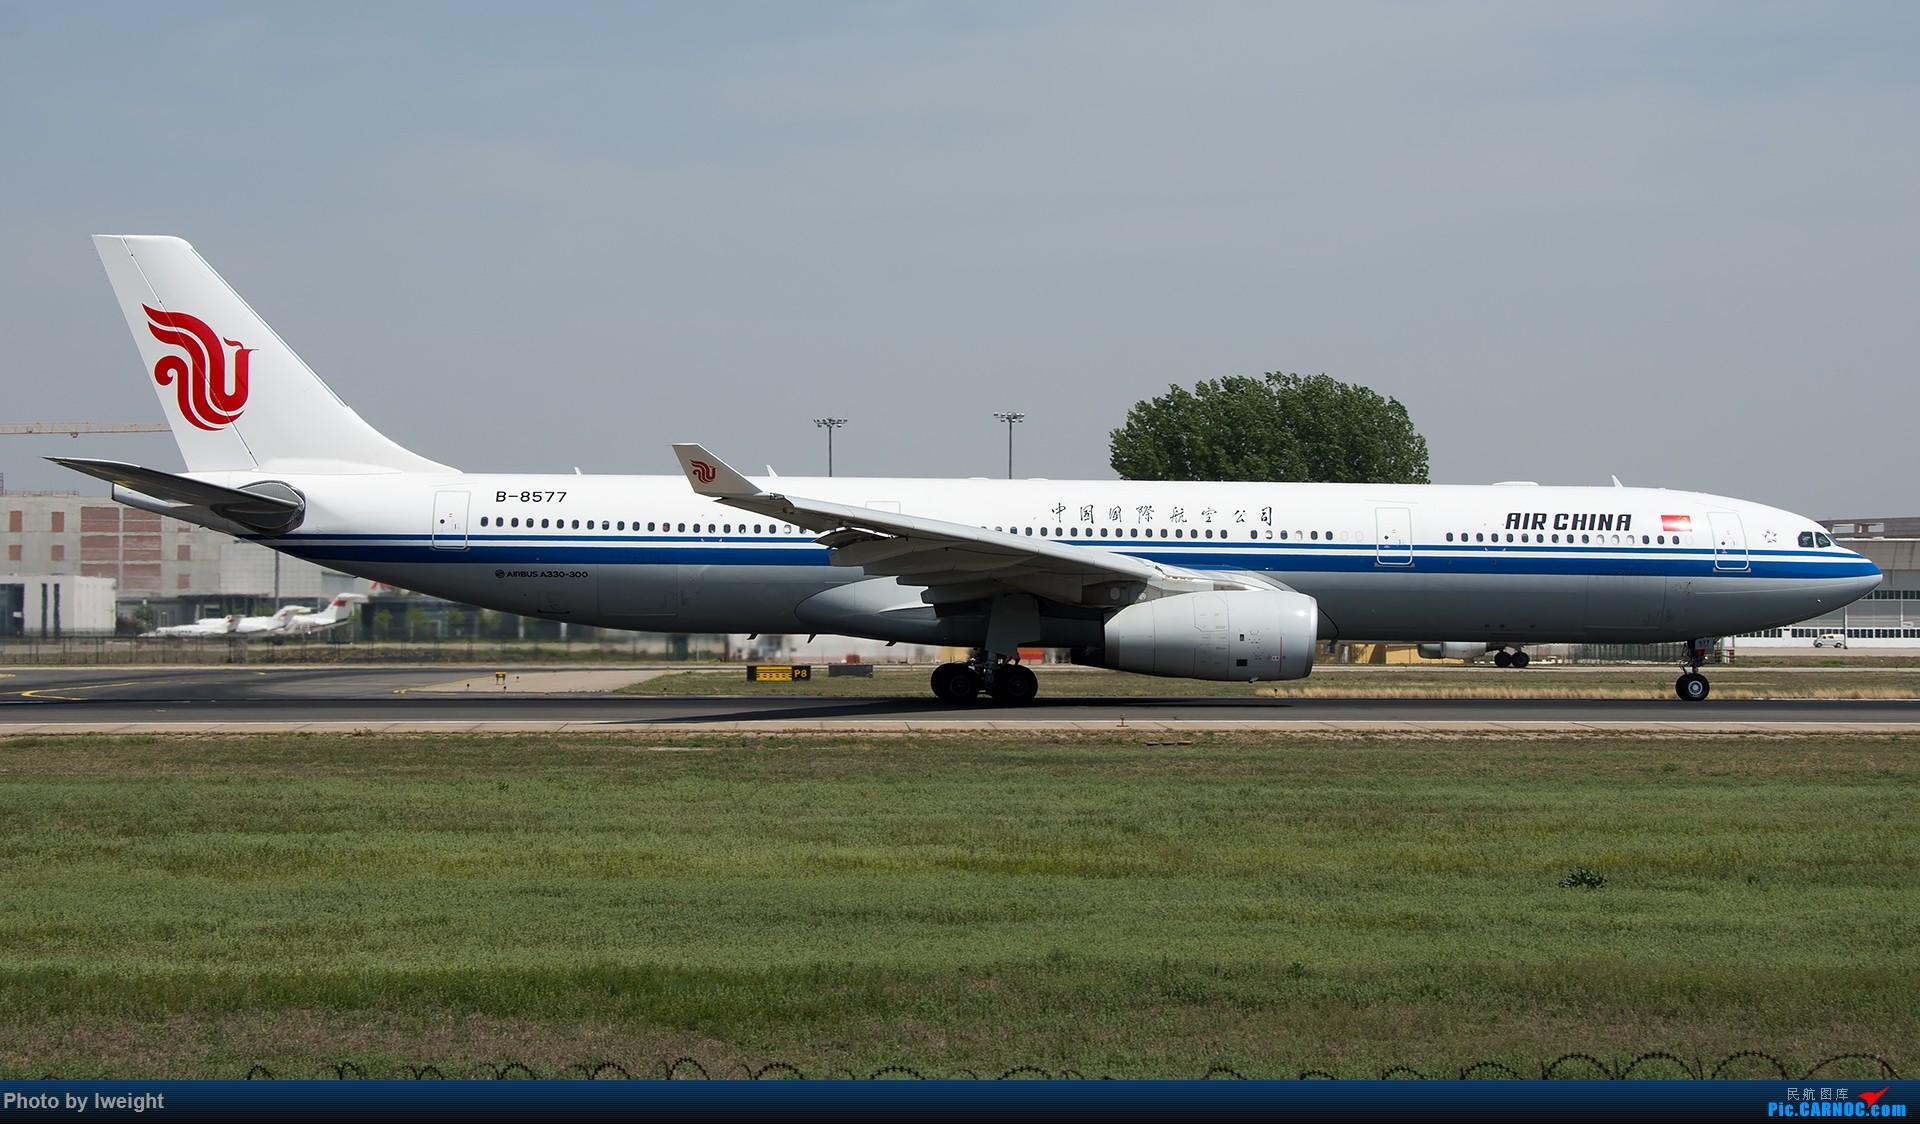 Re:[原创]天气晴朗,继续守候18R【多图】 AIRBUS A330-300 B-8577 中国北京首都国际机场